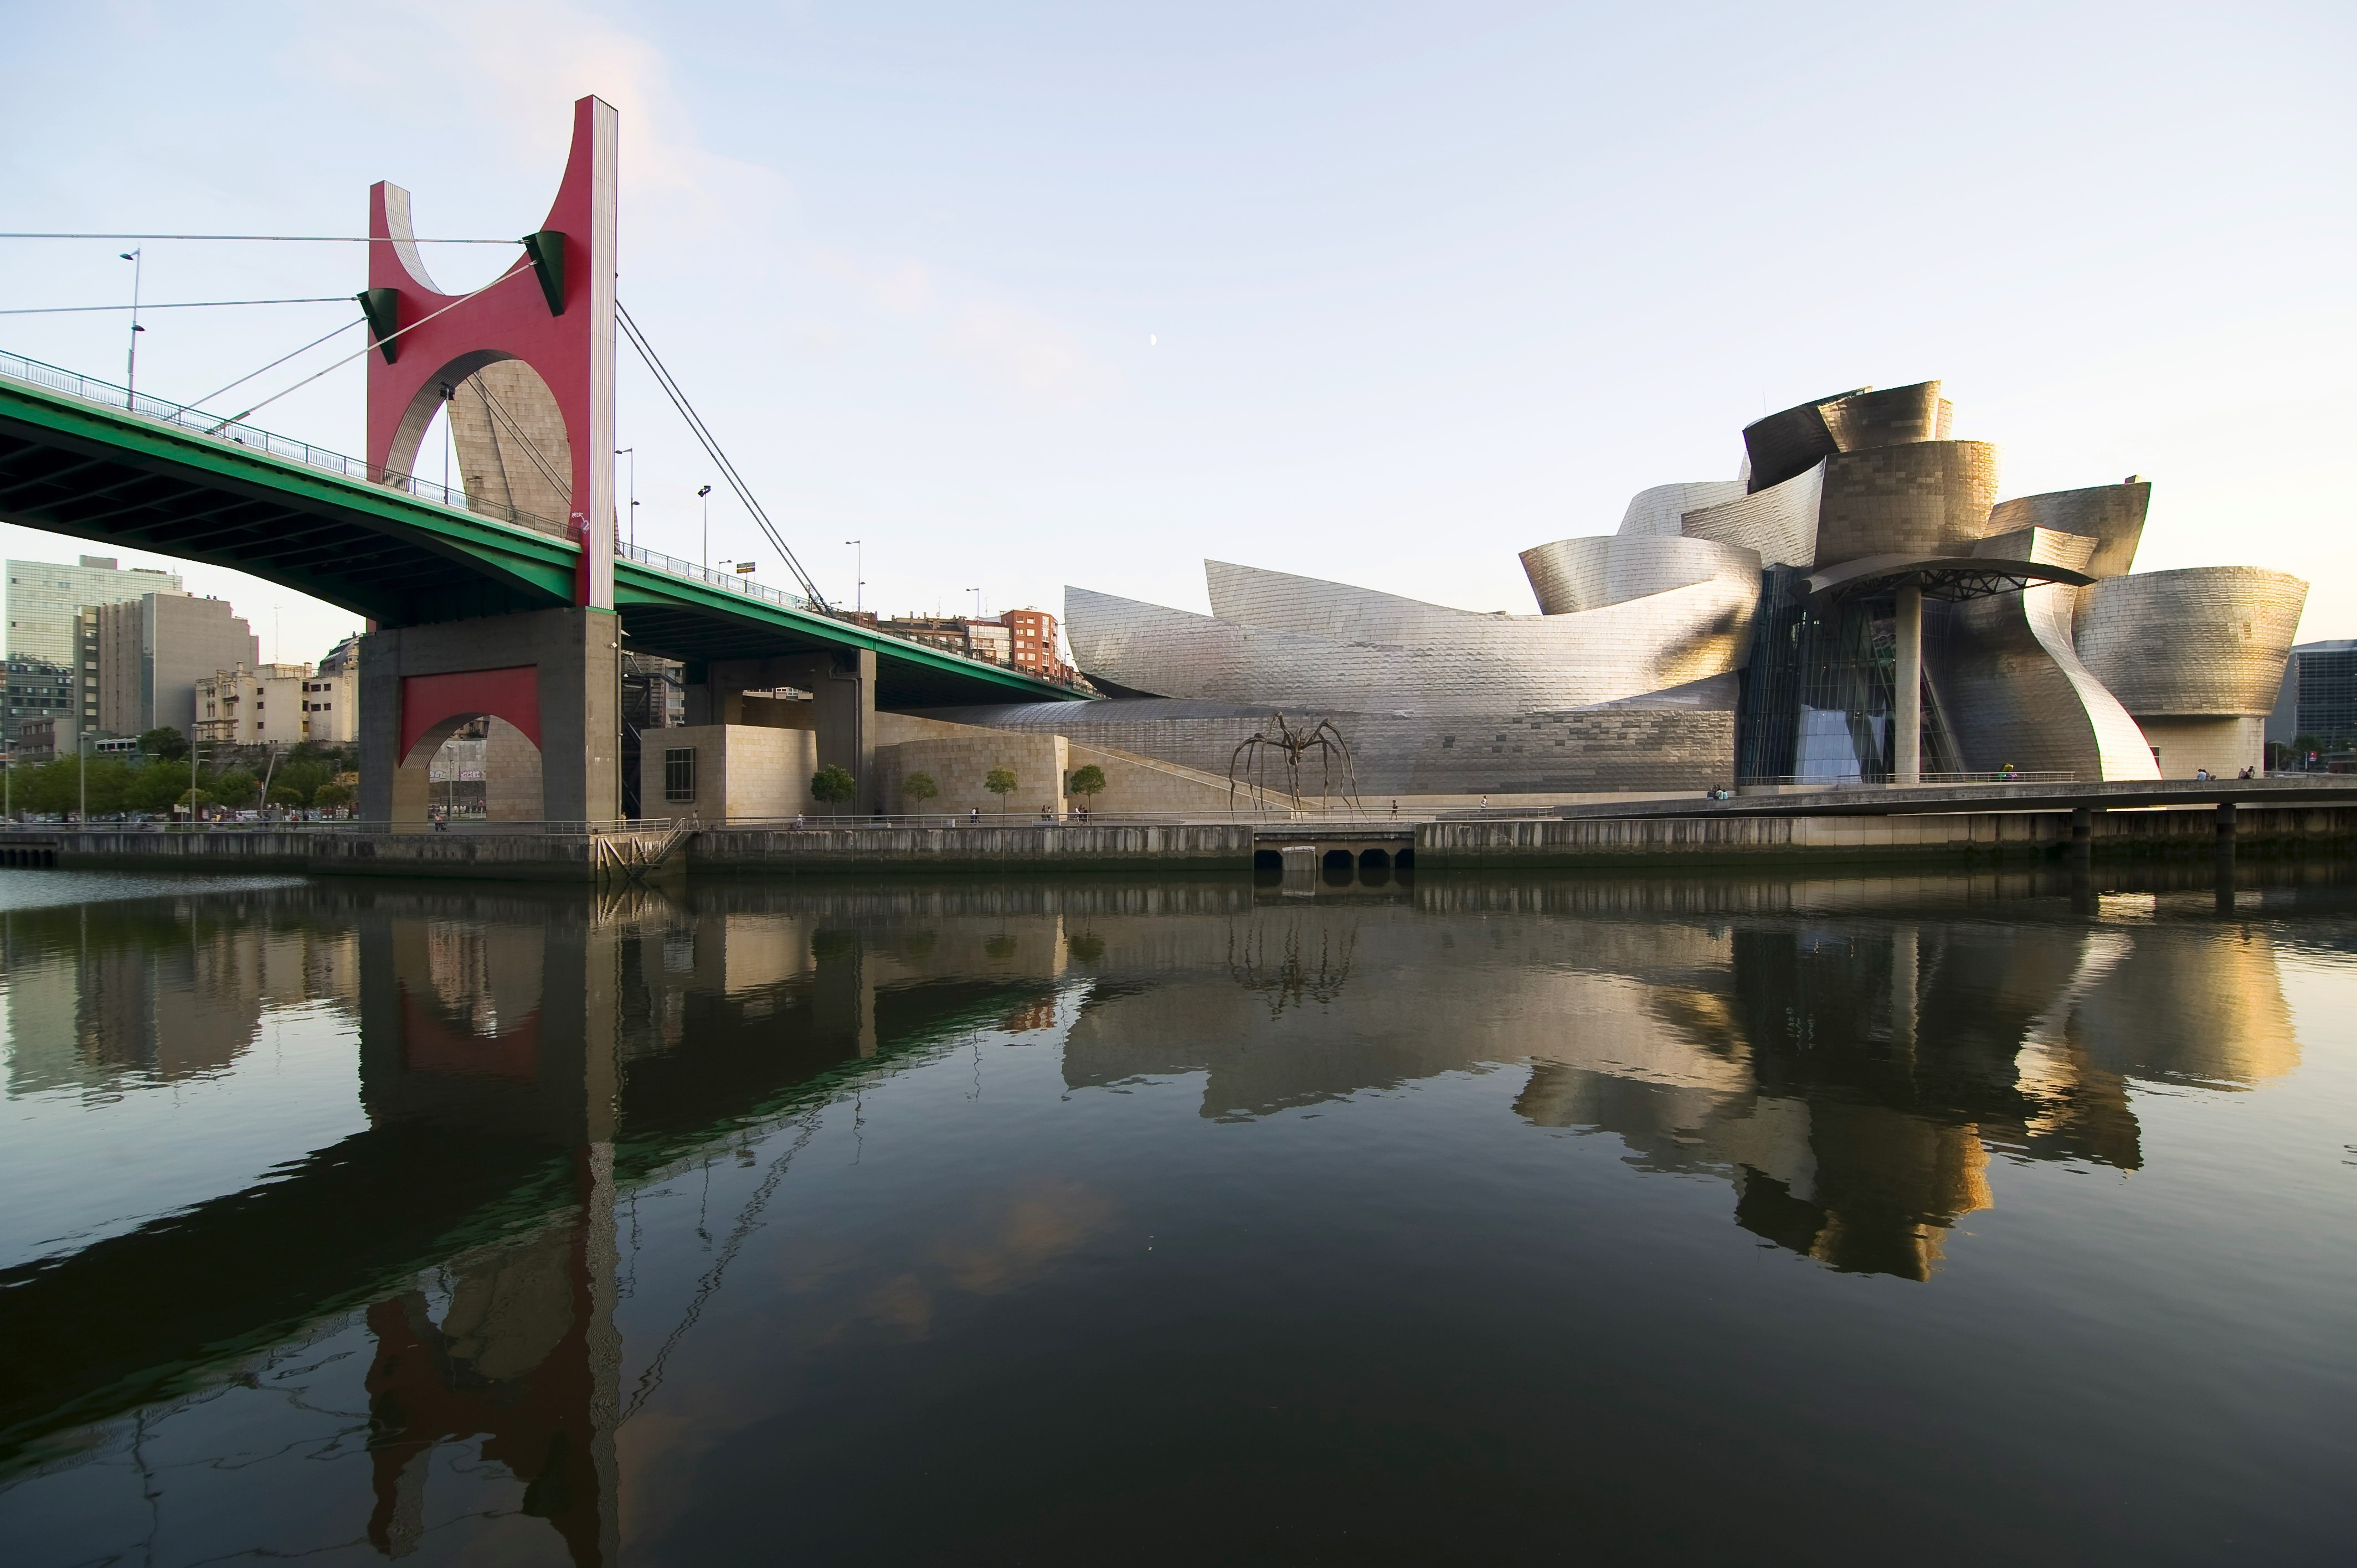 Ville au lourd passé industriel, Bilbao est désormais une destination de premier ordre ! L'arrivée du Guggenheim en 1997 y est pour beaucoup mais la métropole basque a bien plus à offrir que son musée iconique. Architecture, musique, gastronomique, street art ou surf, la ville a bien des atouts à faire valoir. Découverte.